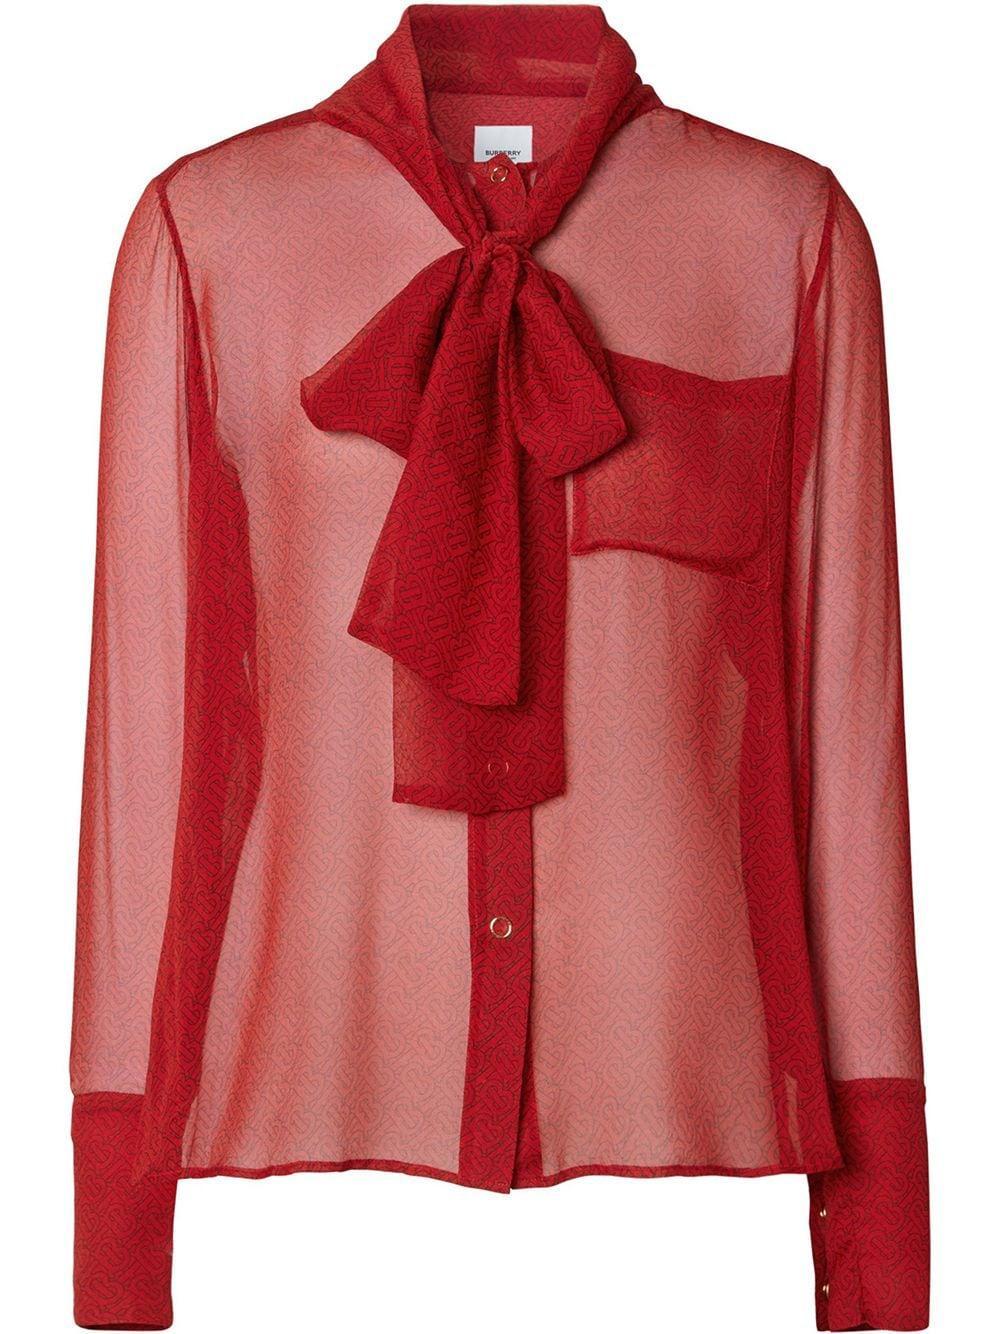 Burberry прозрачная блузка с бантом